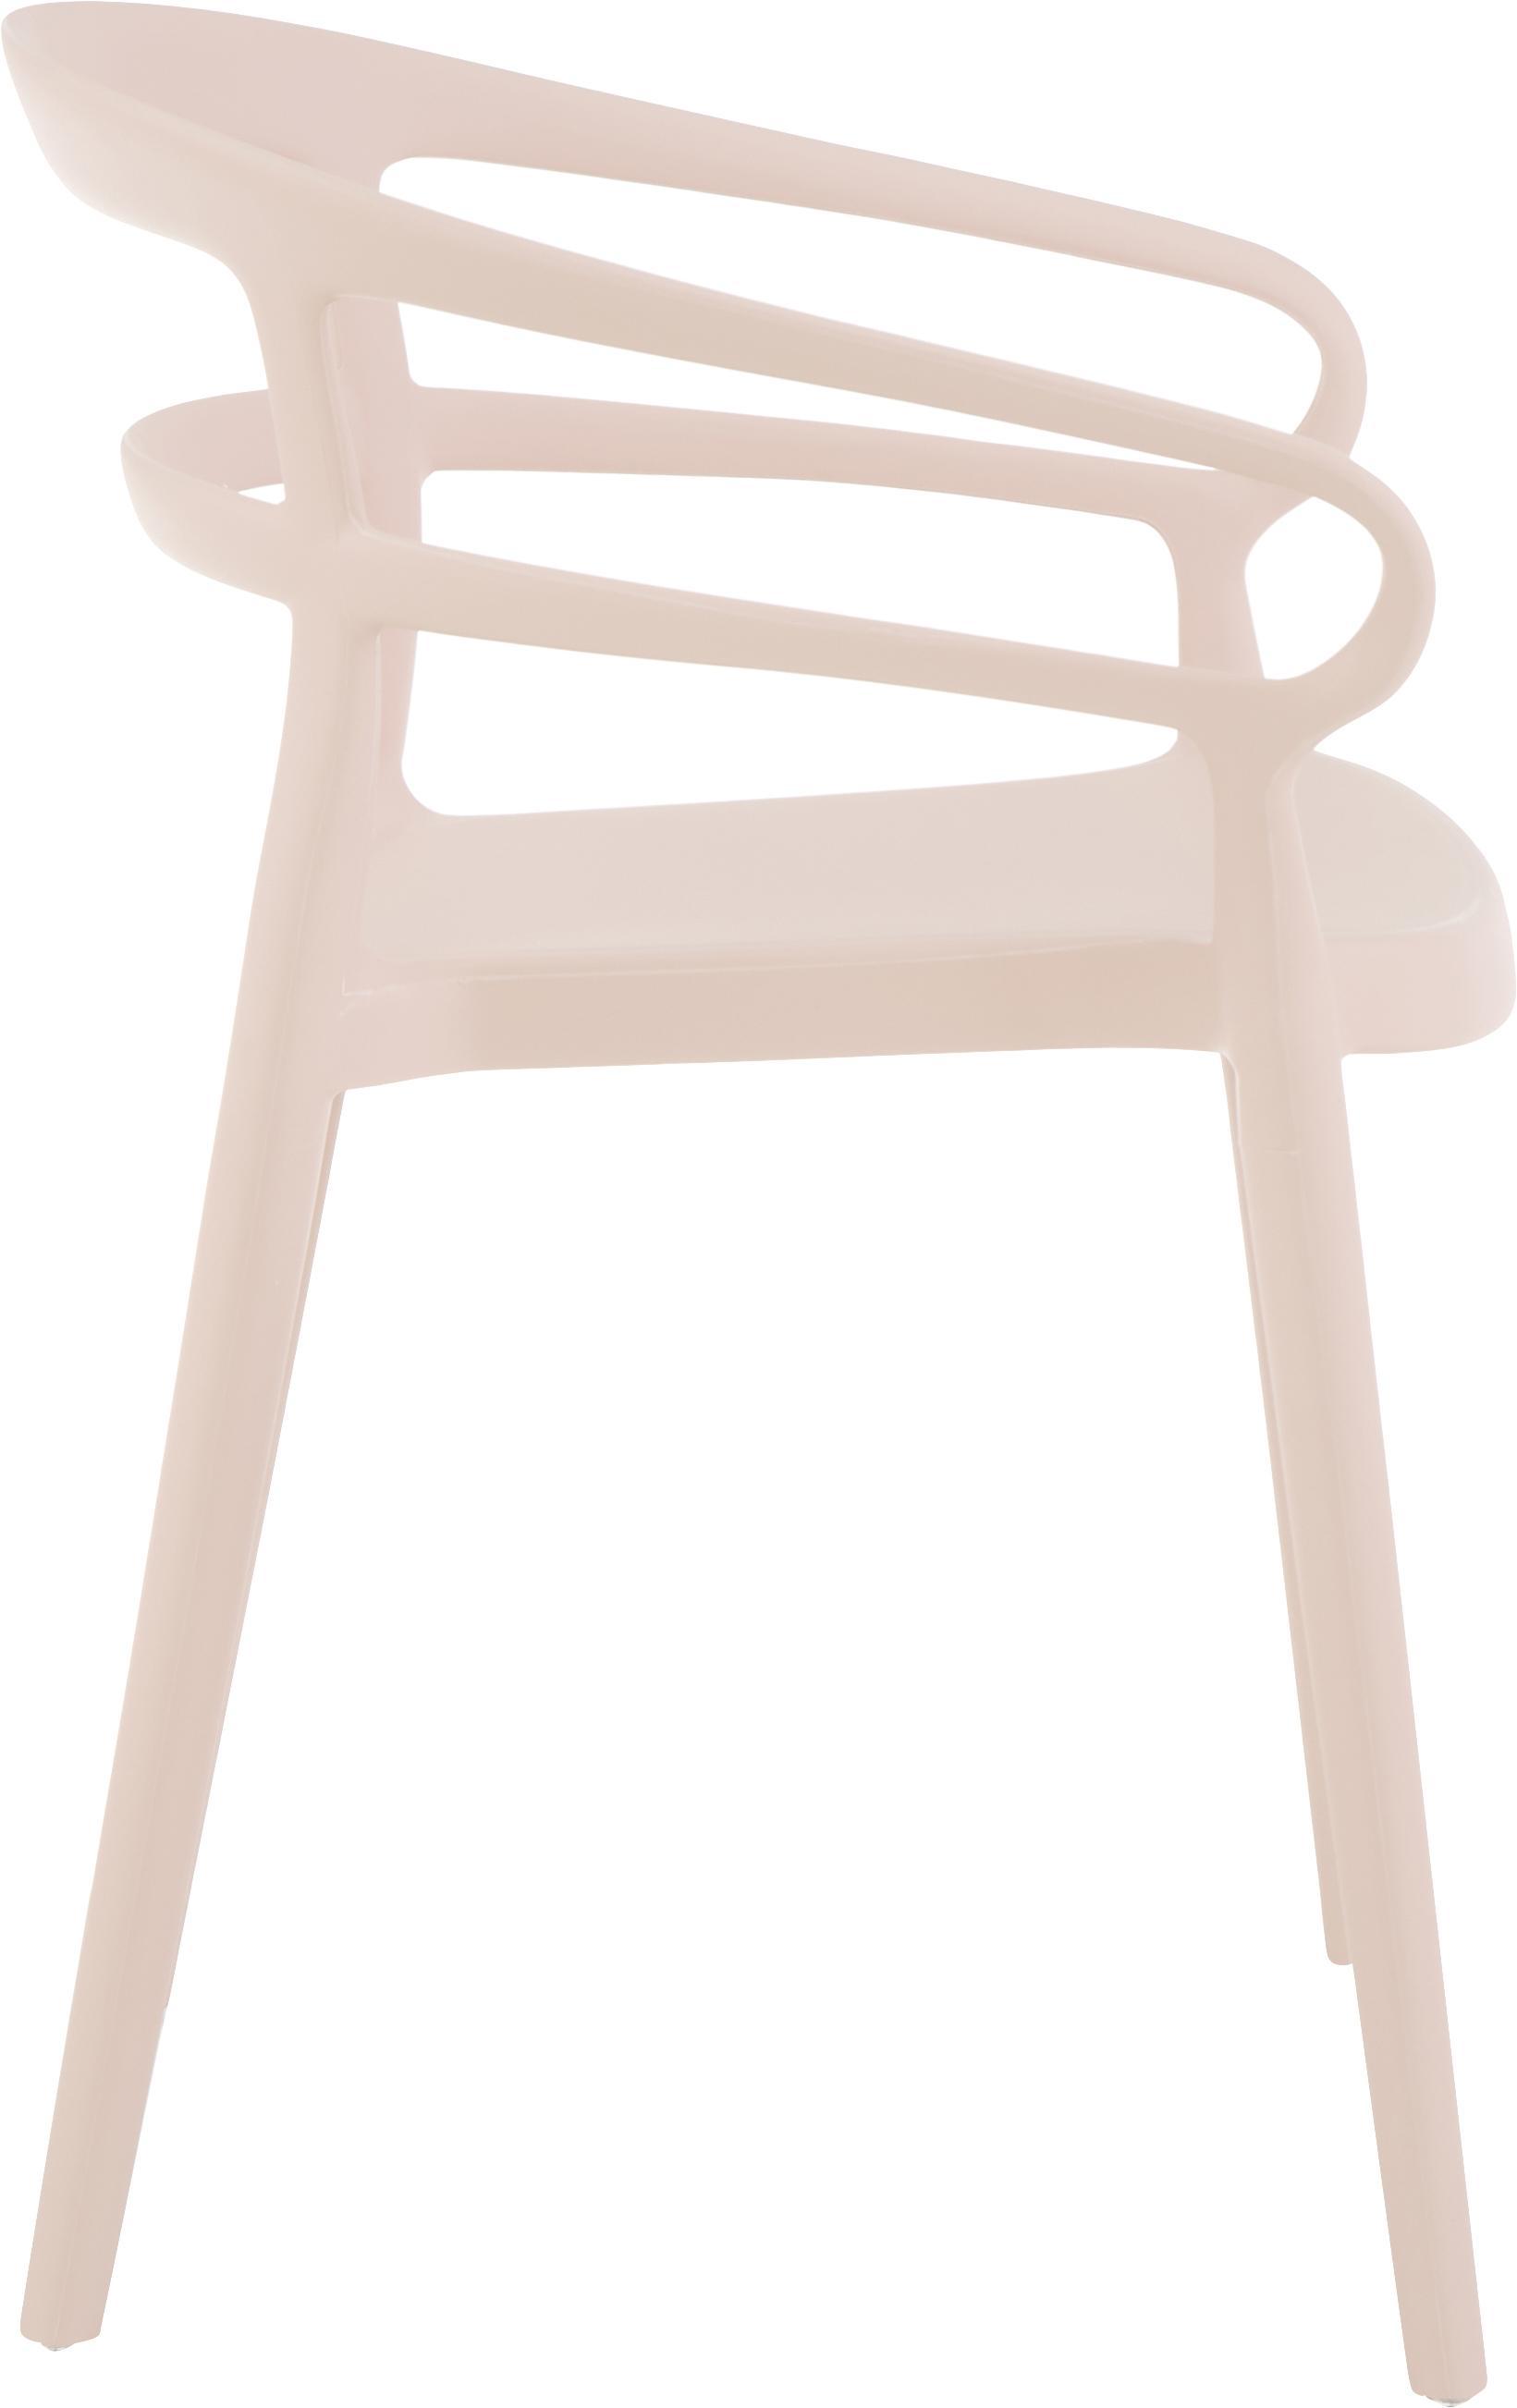 Kunststoffen armstoelen Rodi, 2 stuks, Polypropyleen, Roze, B 52 x D 57 cm